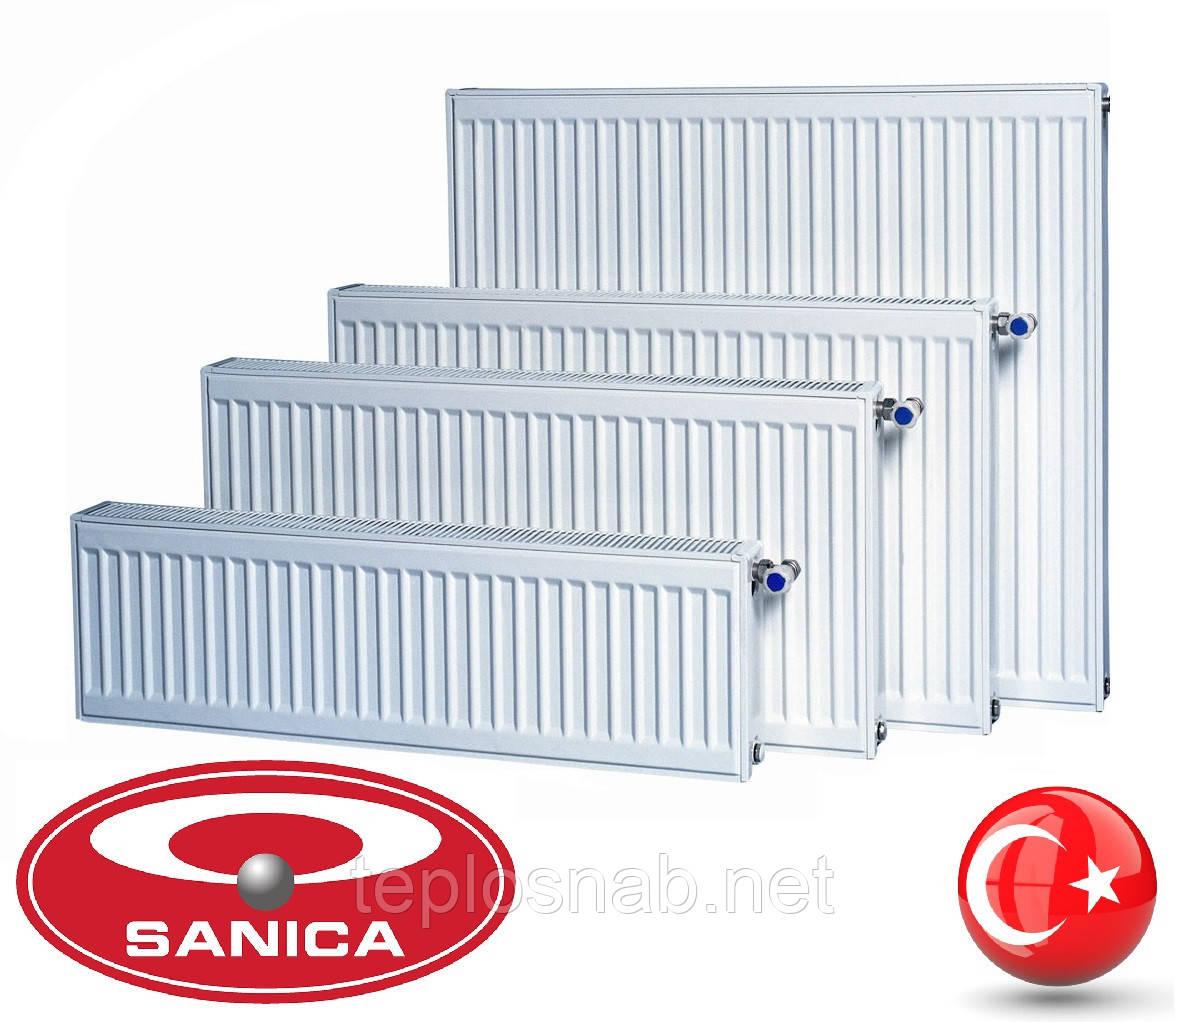 Стальной радиатор Sanica 22 тип (300 х 2000 мм) / 2540 Вт